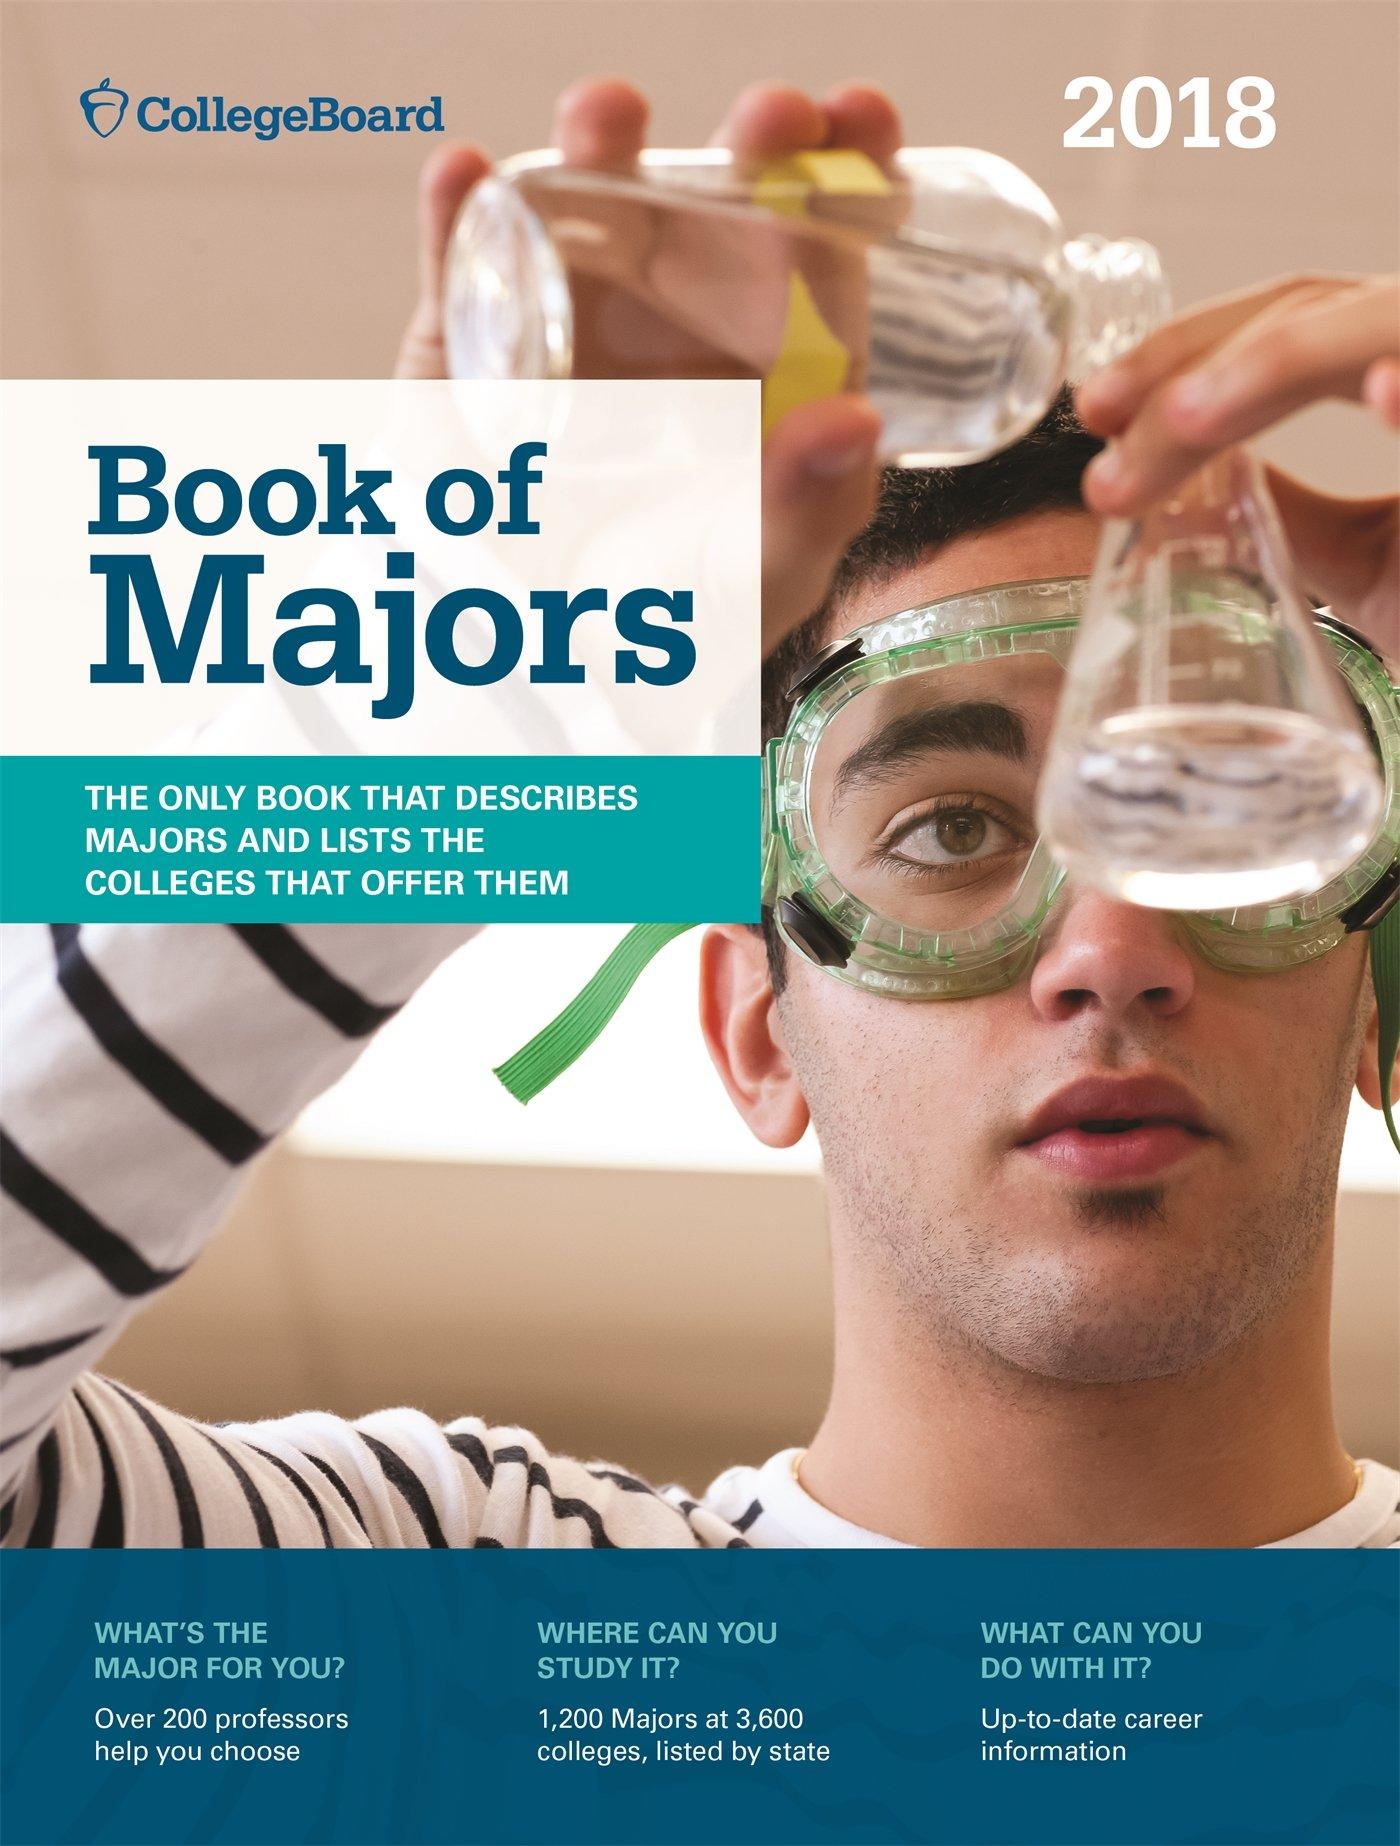 Book Majors 2018 College Board